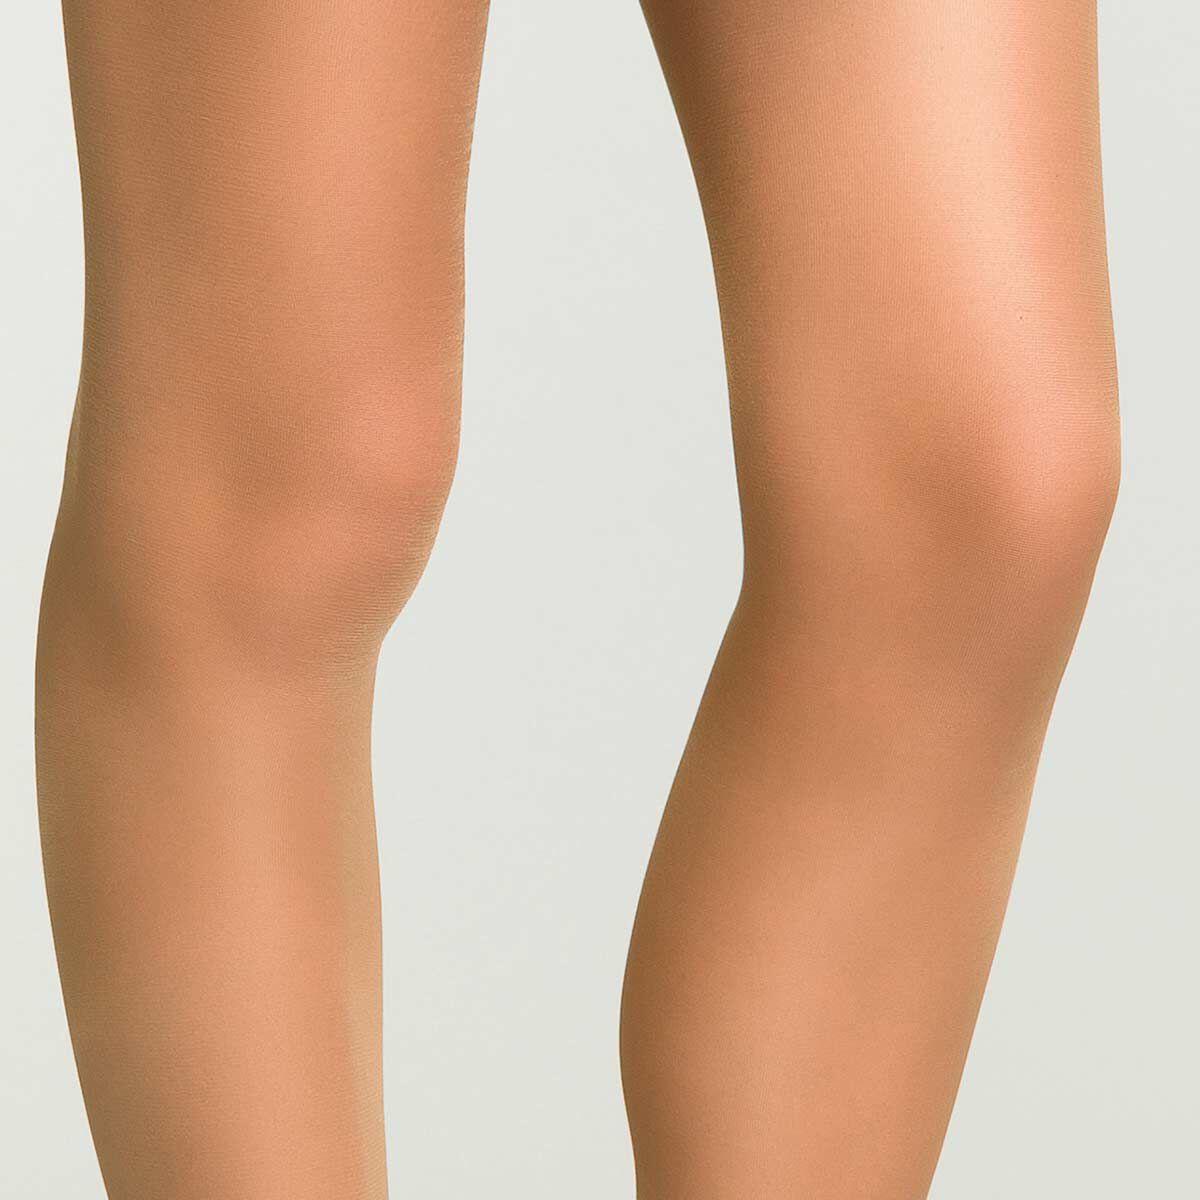 Collant Gazelle Transparent pour femme DIM Perfect Contention 25D